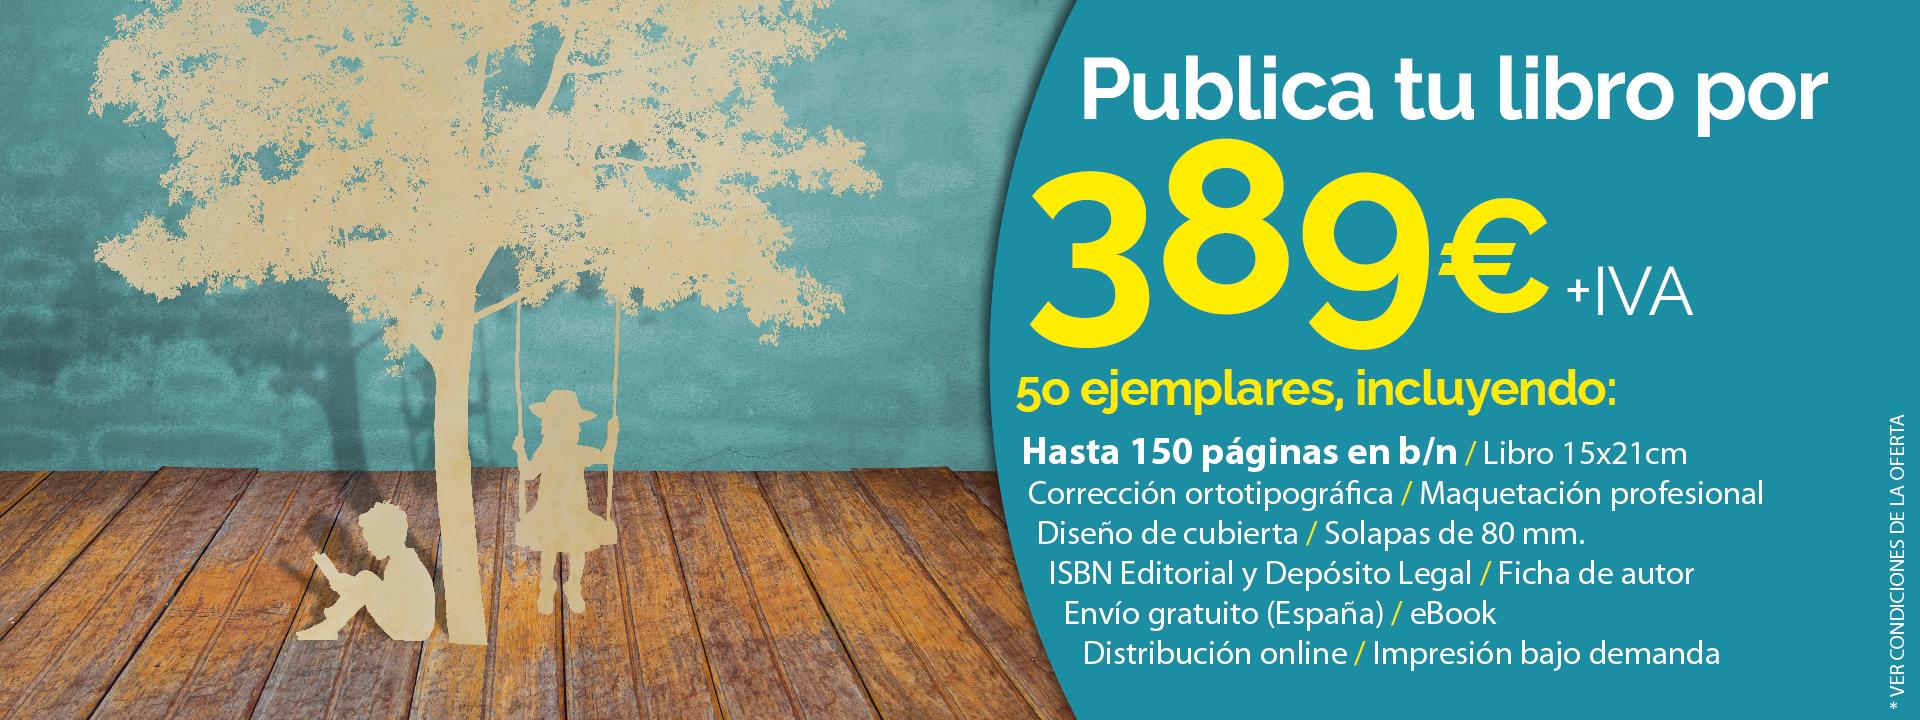 ellibro oferta web